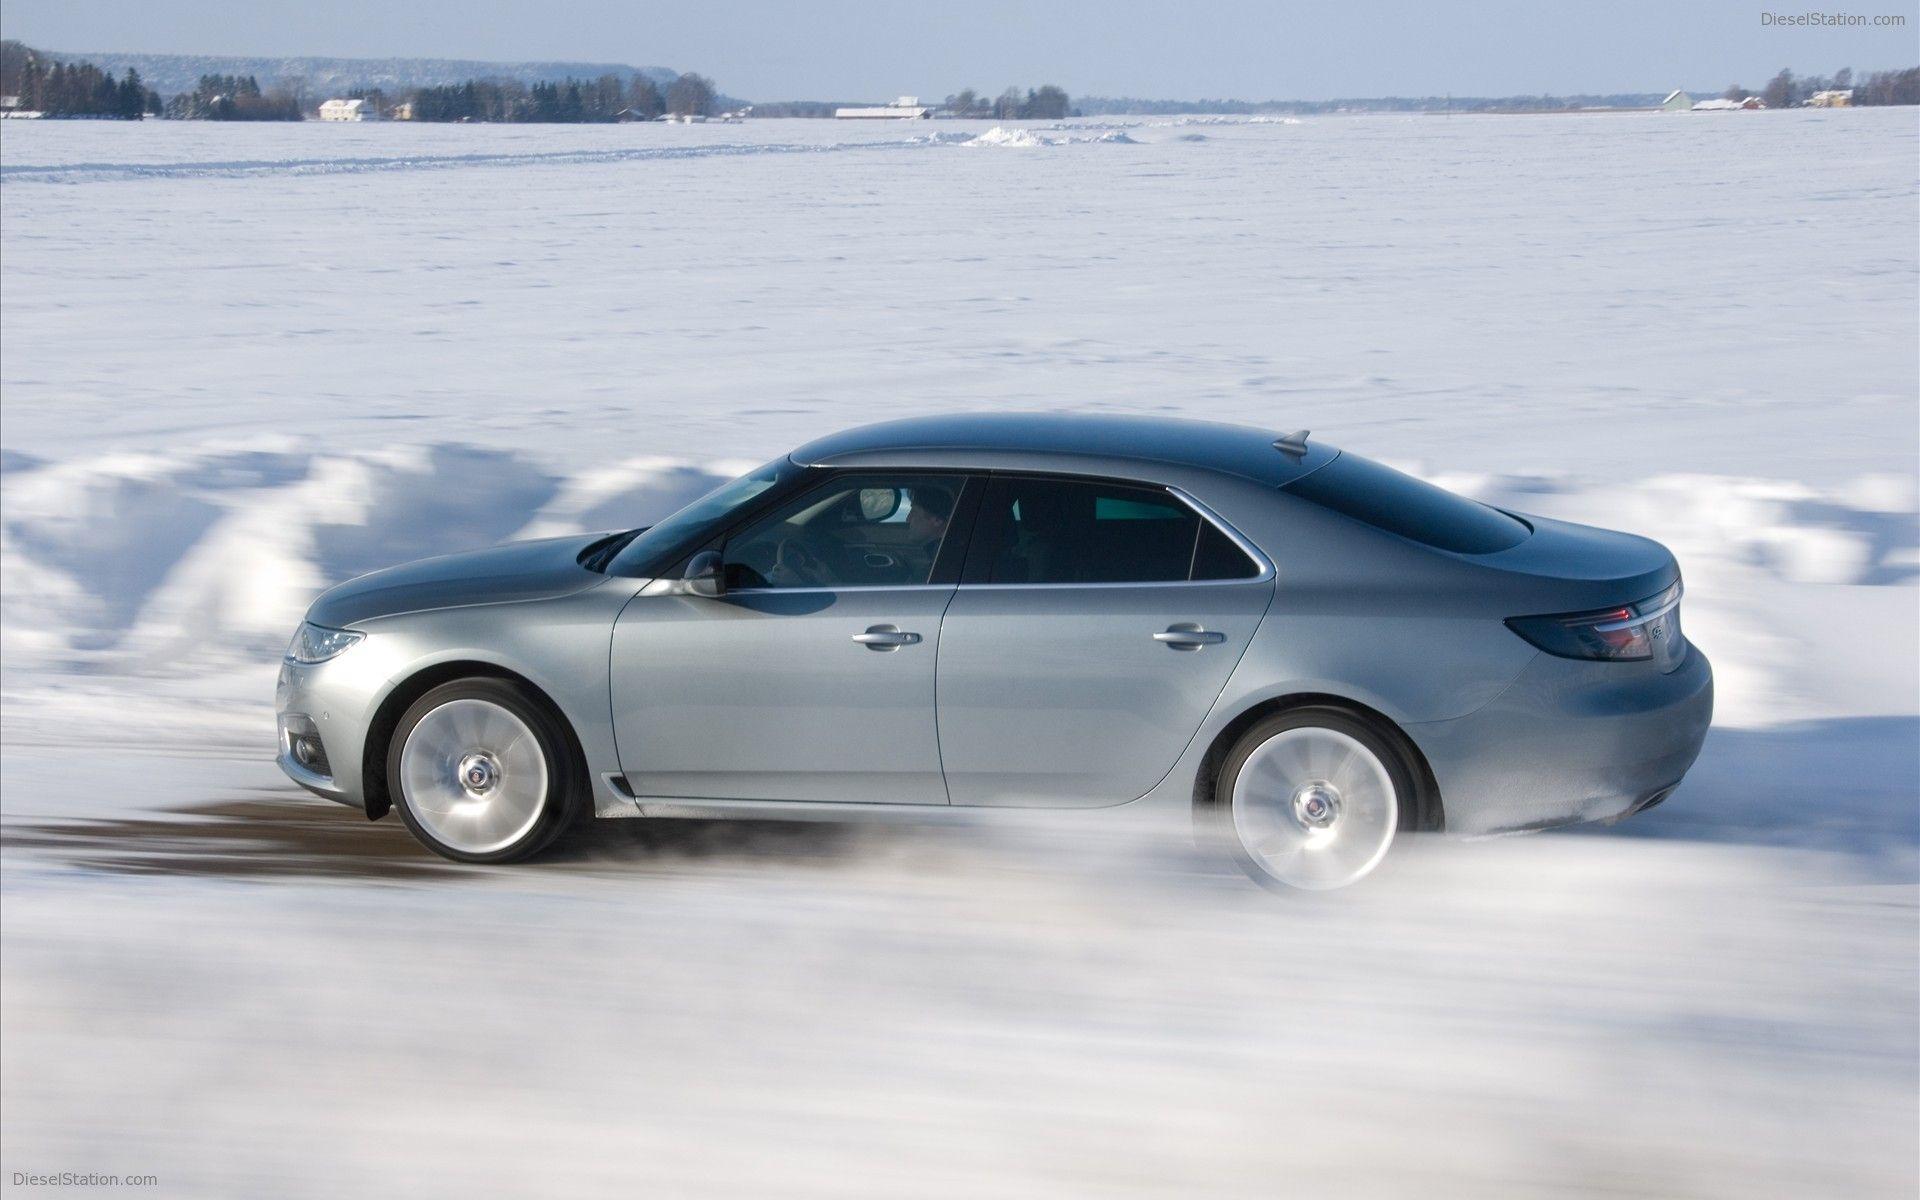 saab 9 5 2011 concept custom cars cars automobile saab rh pinterest com